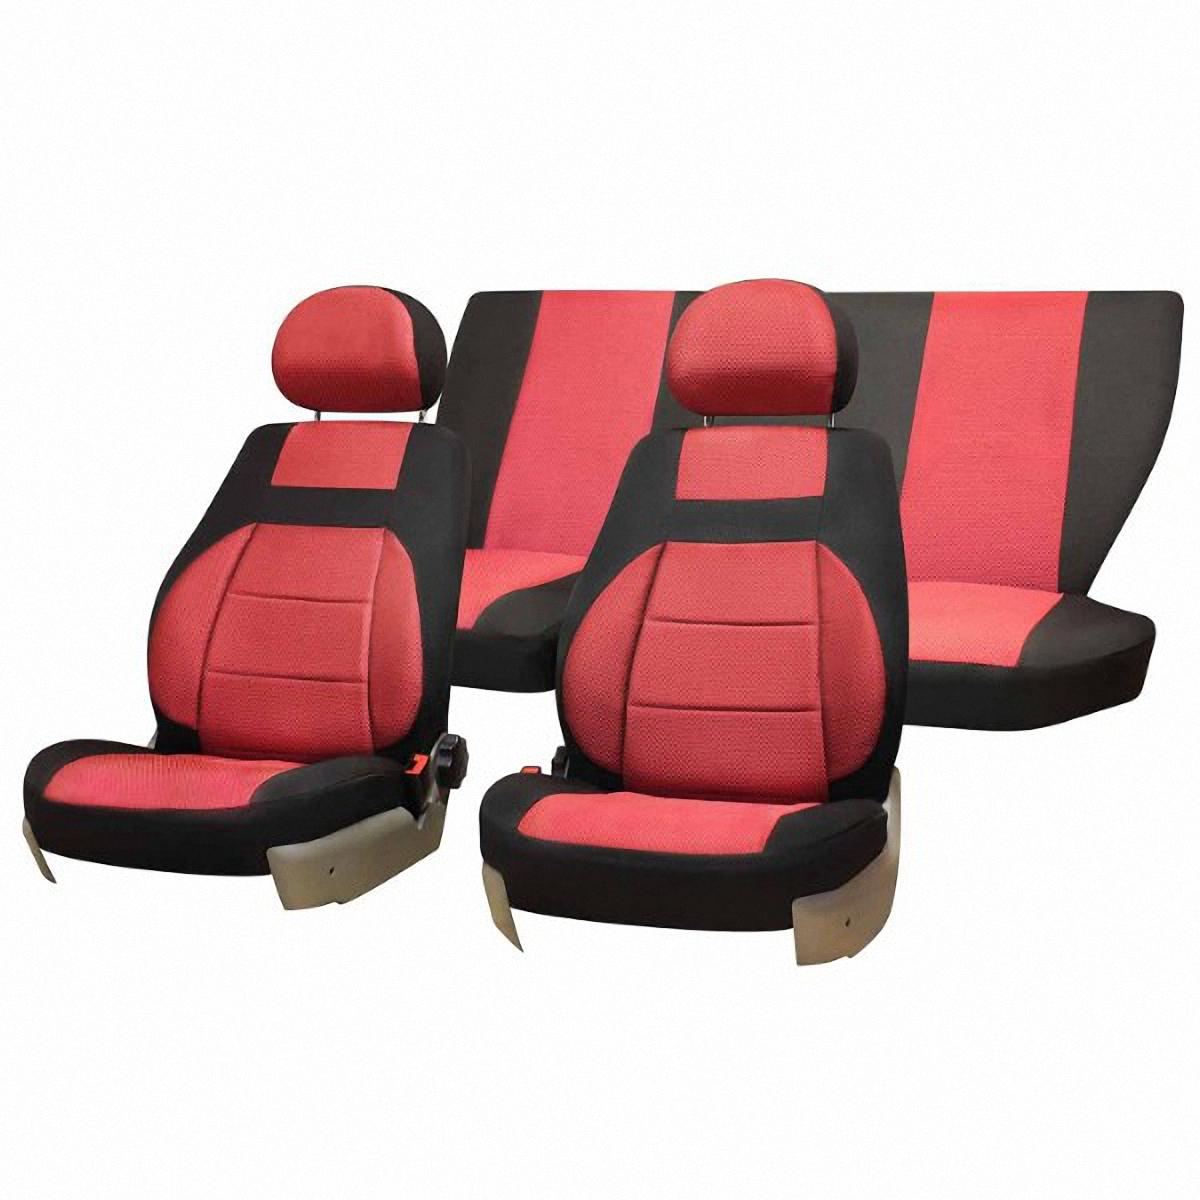 Чехлы автомобильные Skyway, для ВАЗ-2109/21099, цвет: красный54 009312Автомобильные чехлы Skyway изготовлены из качественного жаккарда. Чехлы идеально повторяют штатную форму сидений и выглядят как оригинальная обивка сидений. Разработаны индивидуально для каждой модели автомобиля. Авточехлы Skyway просты в уходе - загрязнения легко удаляются влажной тканью. Чехлы имеют раздельную схему надевания. В комплекте 8 предметов.